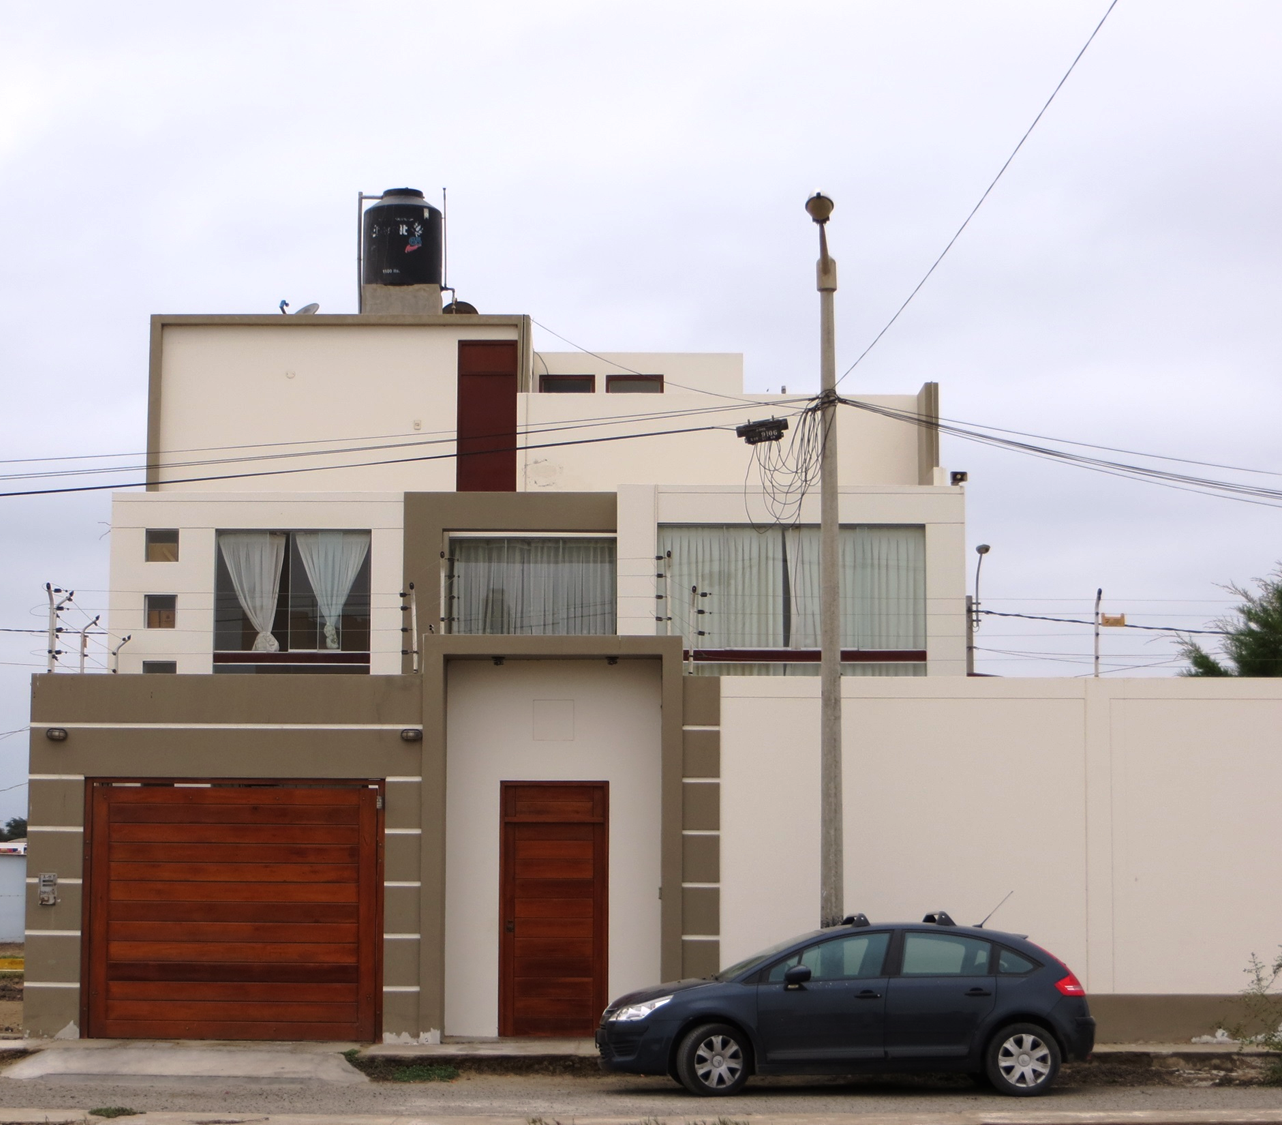 fachadas de casas bonitas casa moderna de tres pisos ForFachadas De Casas De 3 Pisos Modernas